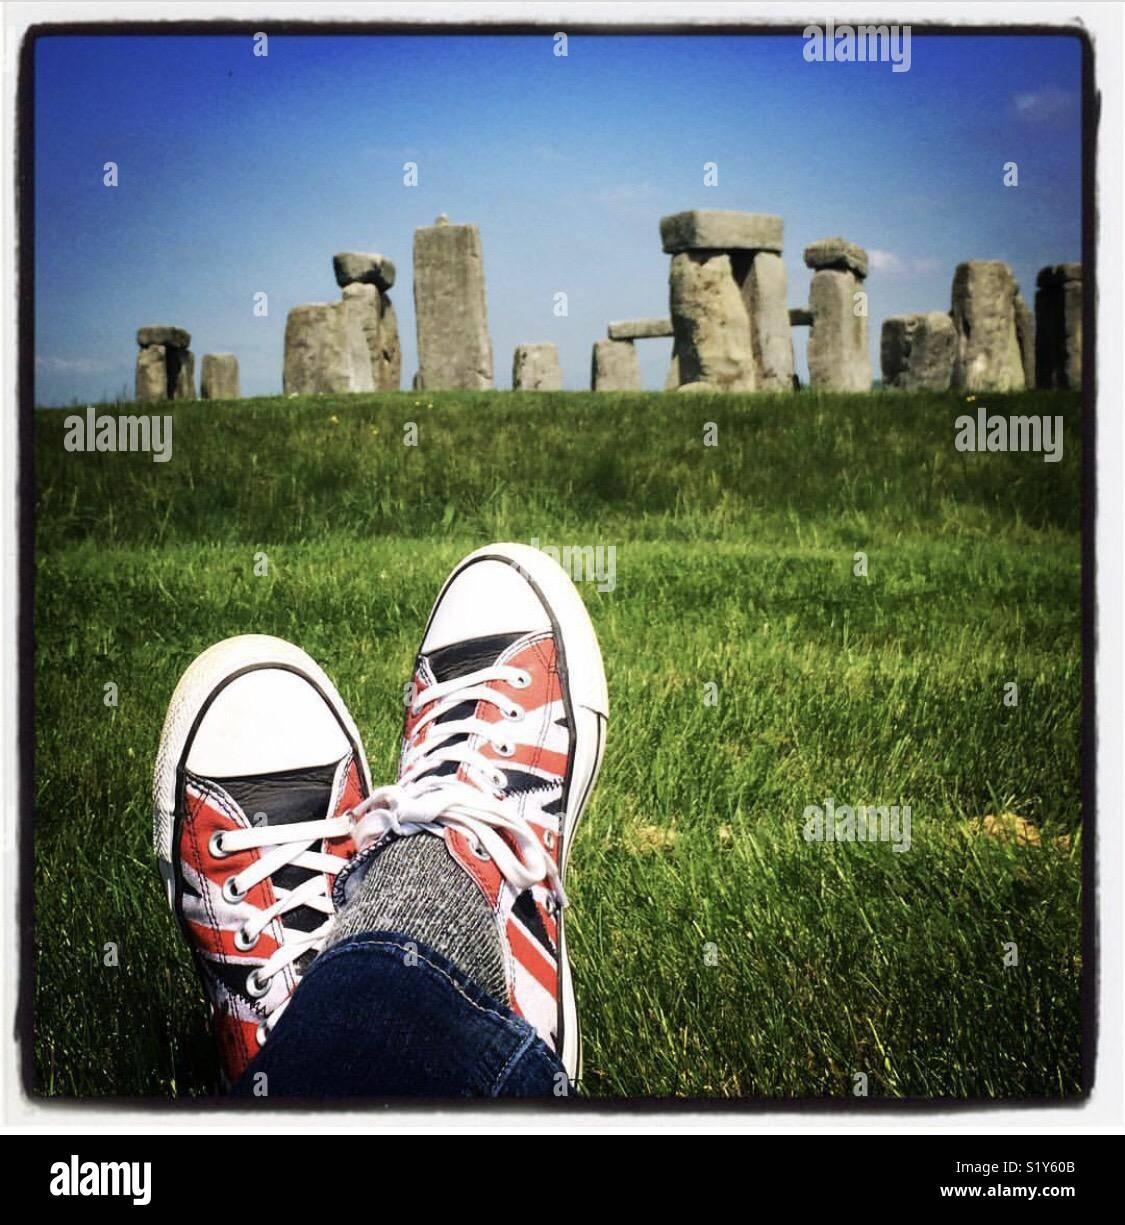 Union Jack Converse running shoes at Stonehenge - Stock Image